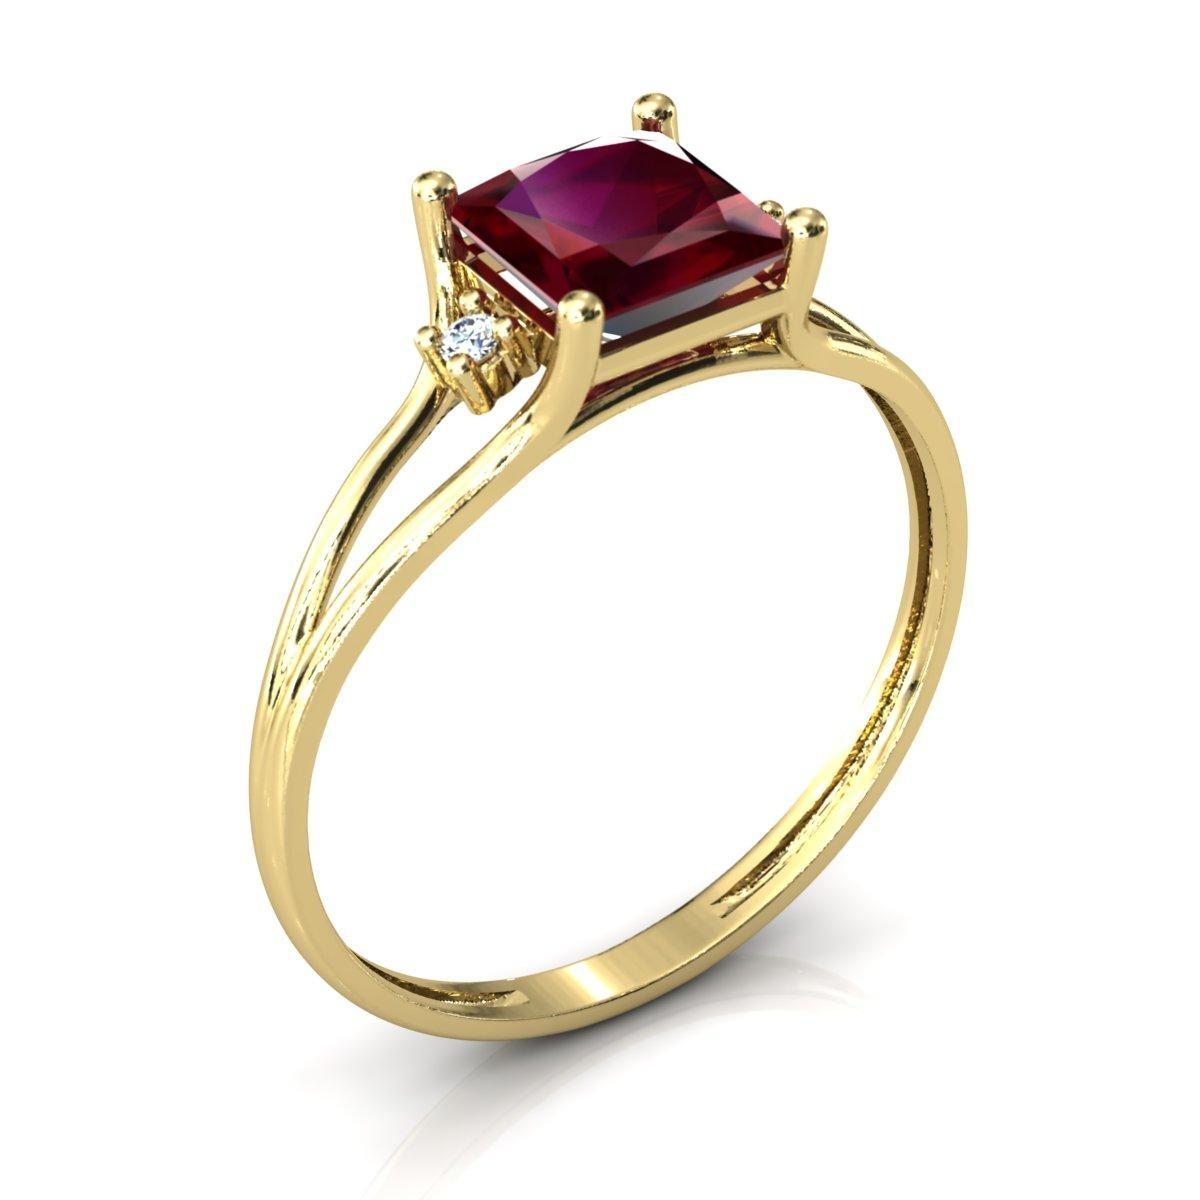 8138eeab6d1 Anel Formatura Aro Duplo Pedra Zircônia Ouro 18k Dourado - R  581